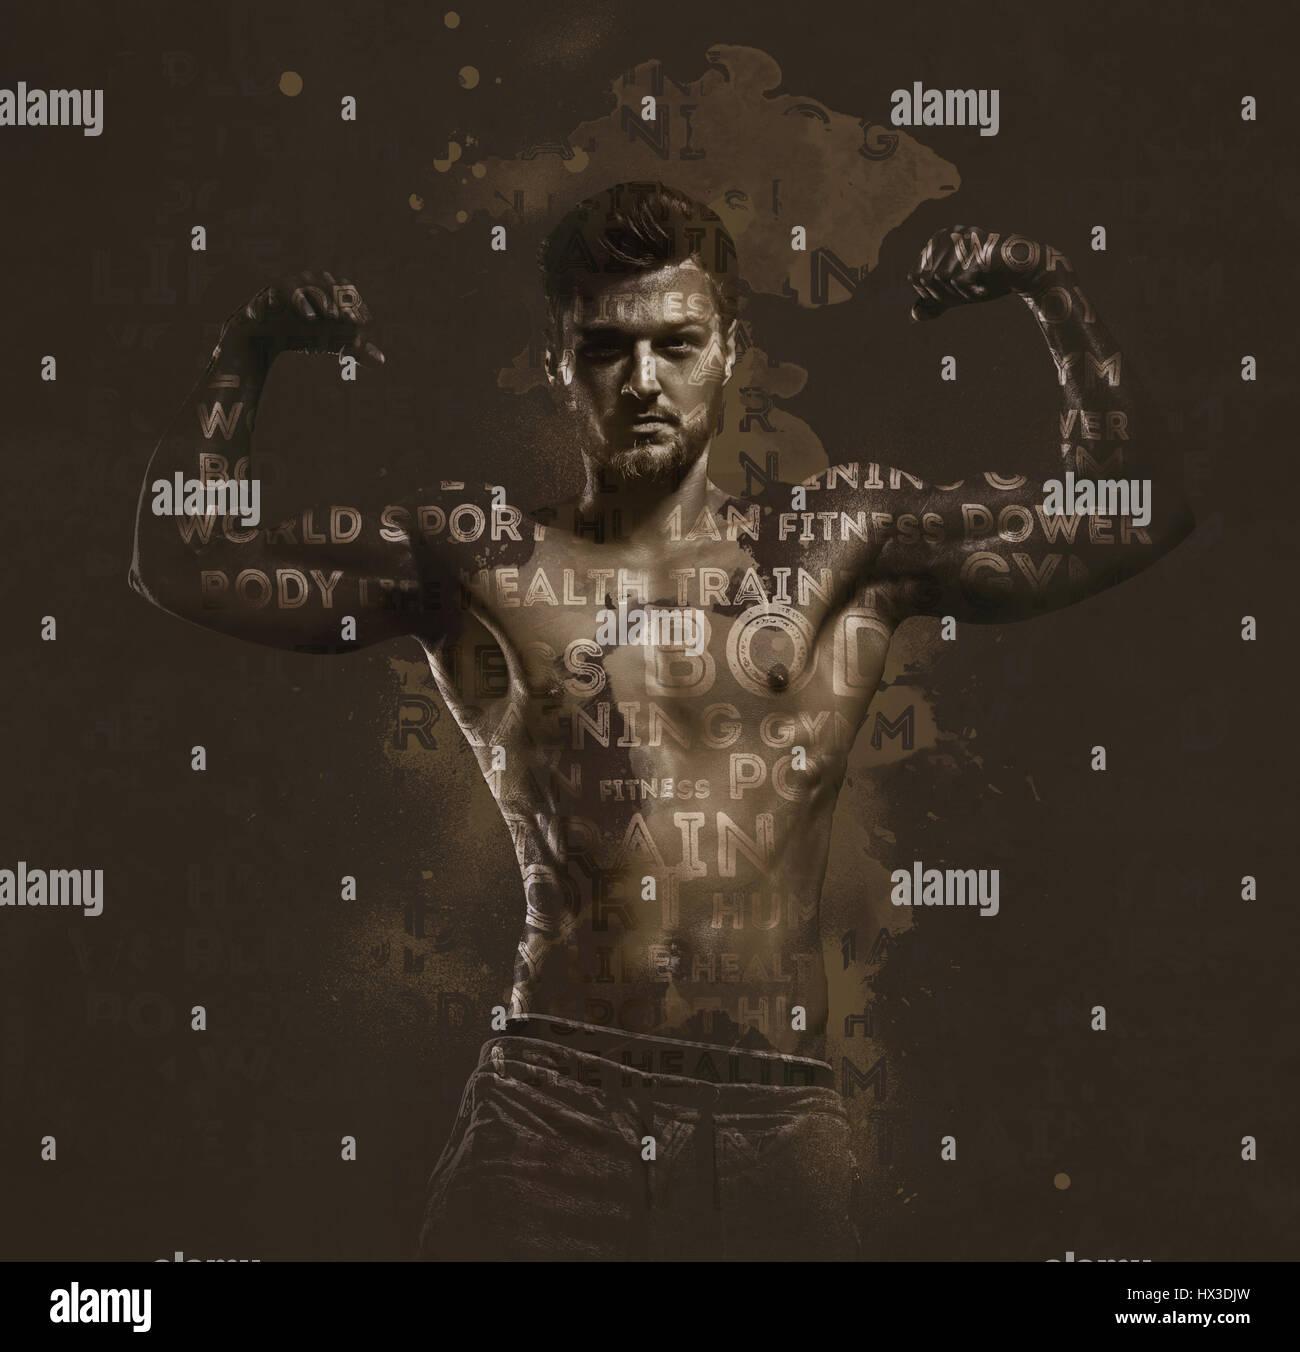 Sportlich gut aussehender Mann Bizeps Muskeln zeigen. Digital generiert. Konzeptionelle Foto. Stockbild